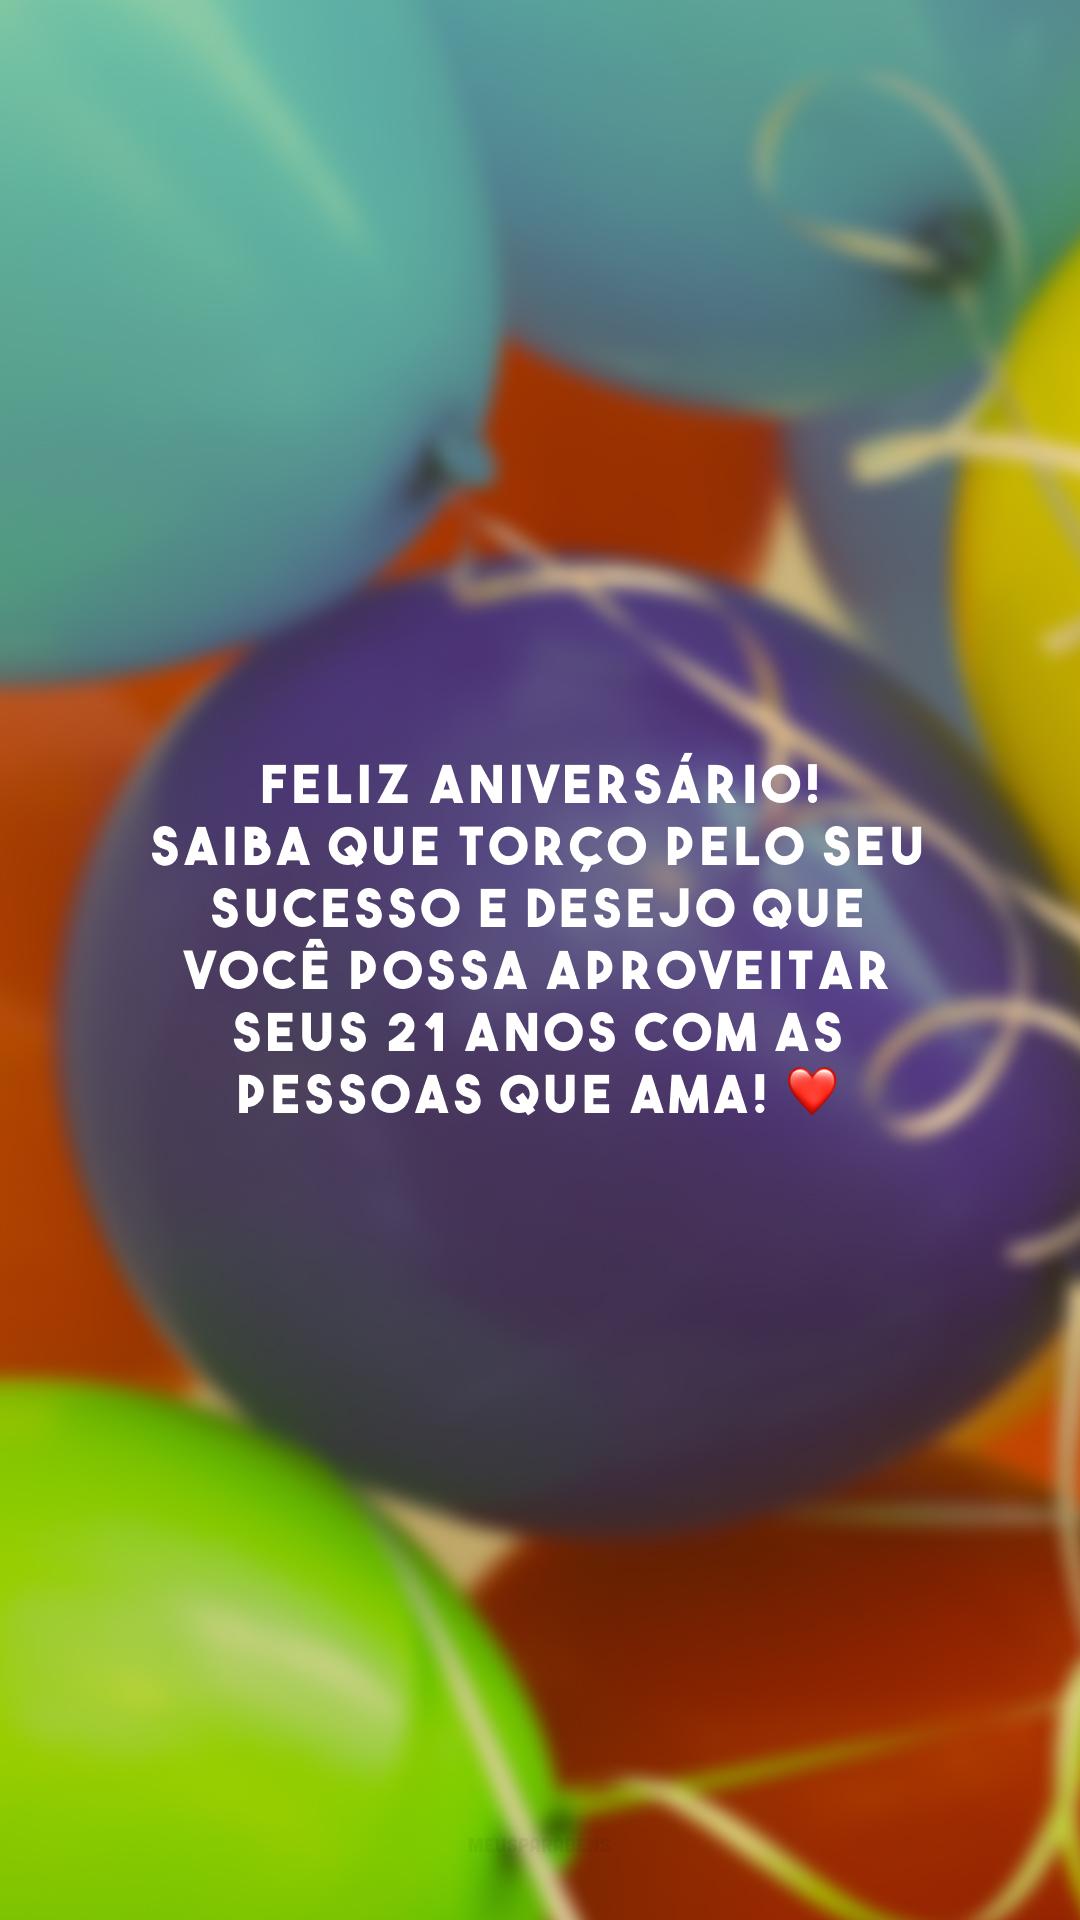 Feliz aniversário! Saiba que torço pelo seu sucesso e desejo que você possa aproveitar seus 21 anos com as pessoas que ama! ❤️